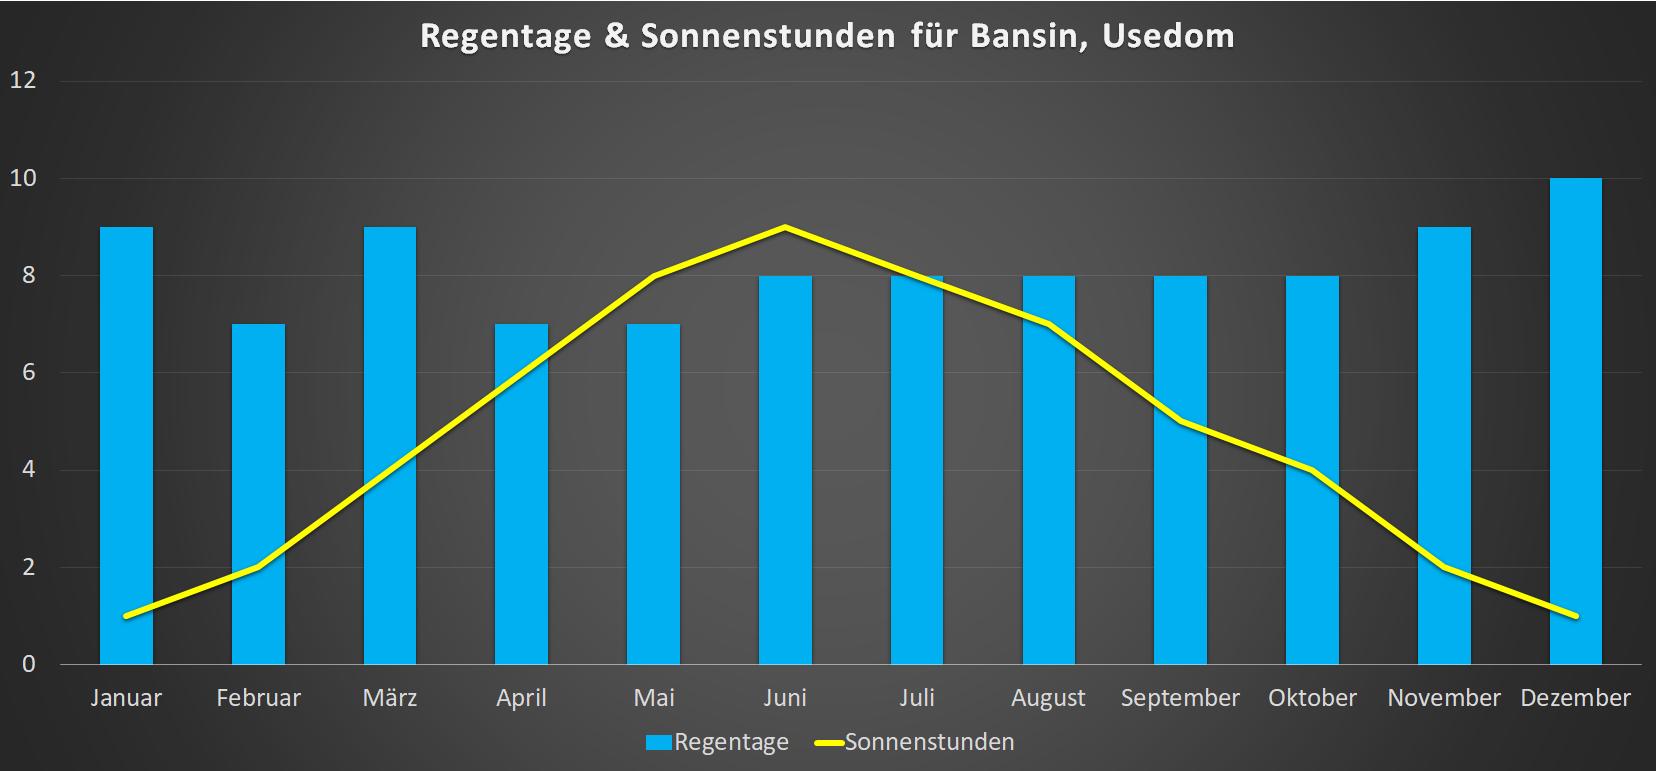 Regentage & Sonnenstunden für Bansin im Jahresverlauf